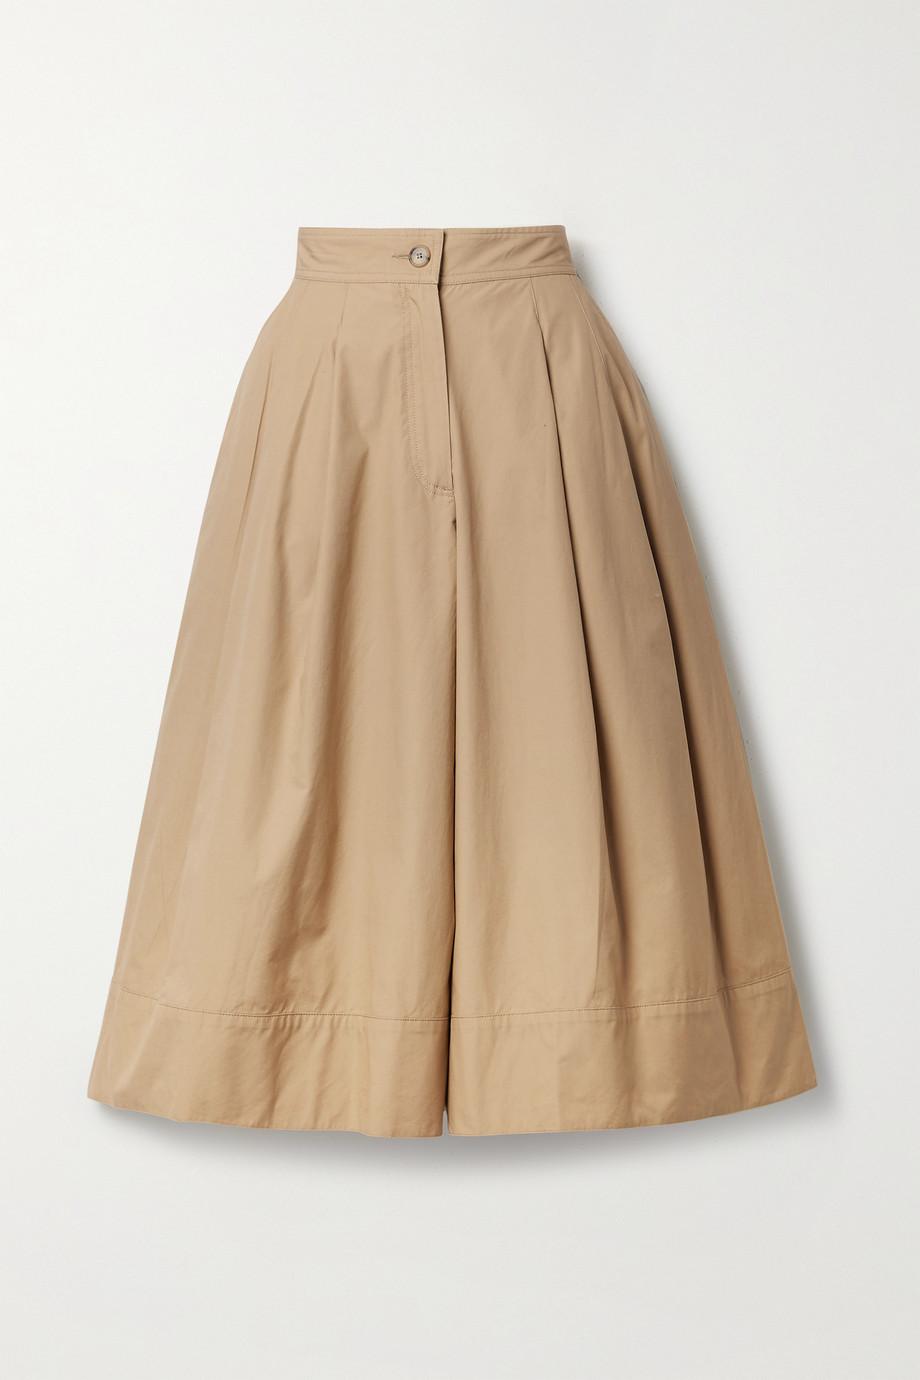 Moncler Genius Jupe-culotte en serge de coton à plis x JW Anderson 1